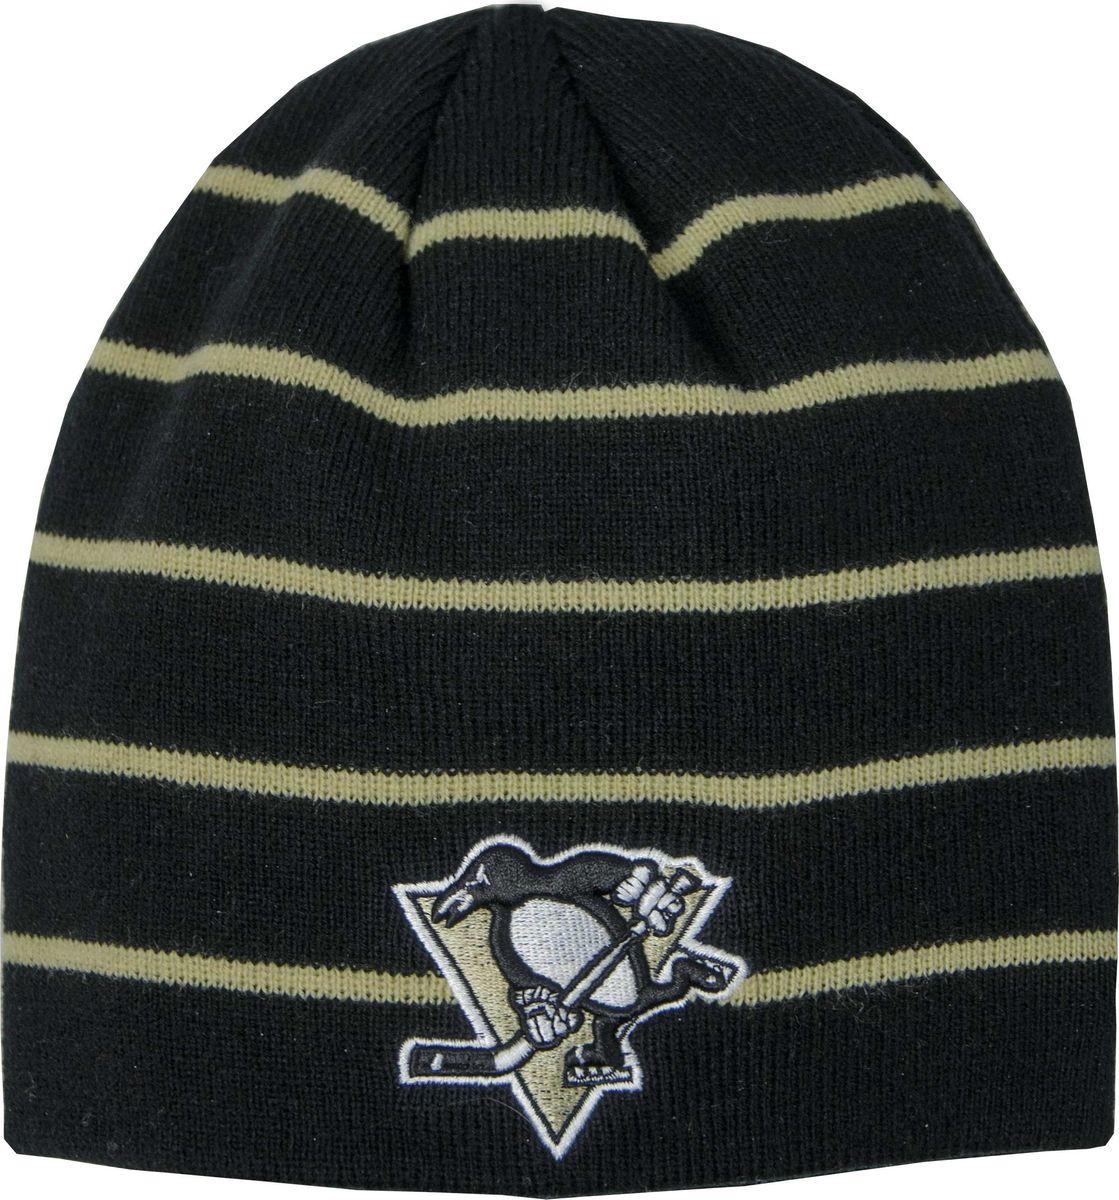 Шапка мужская Atributika & Club Pittsburgh Penguins, цвет: черный. 59038. Размер 55/58 рюкзак atributika & club pittsburgh penguins цвет черный 25 л 58055